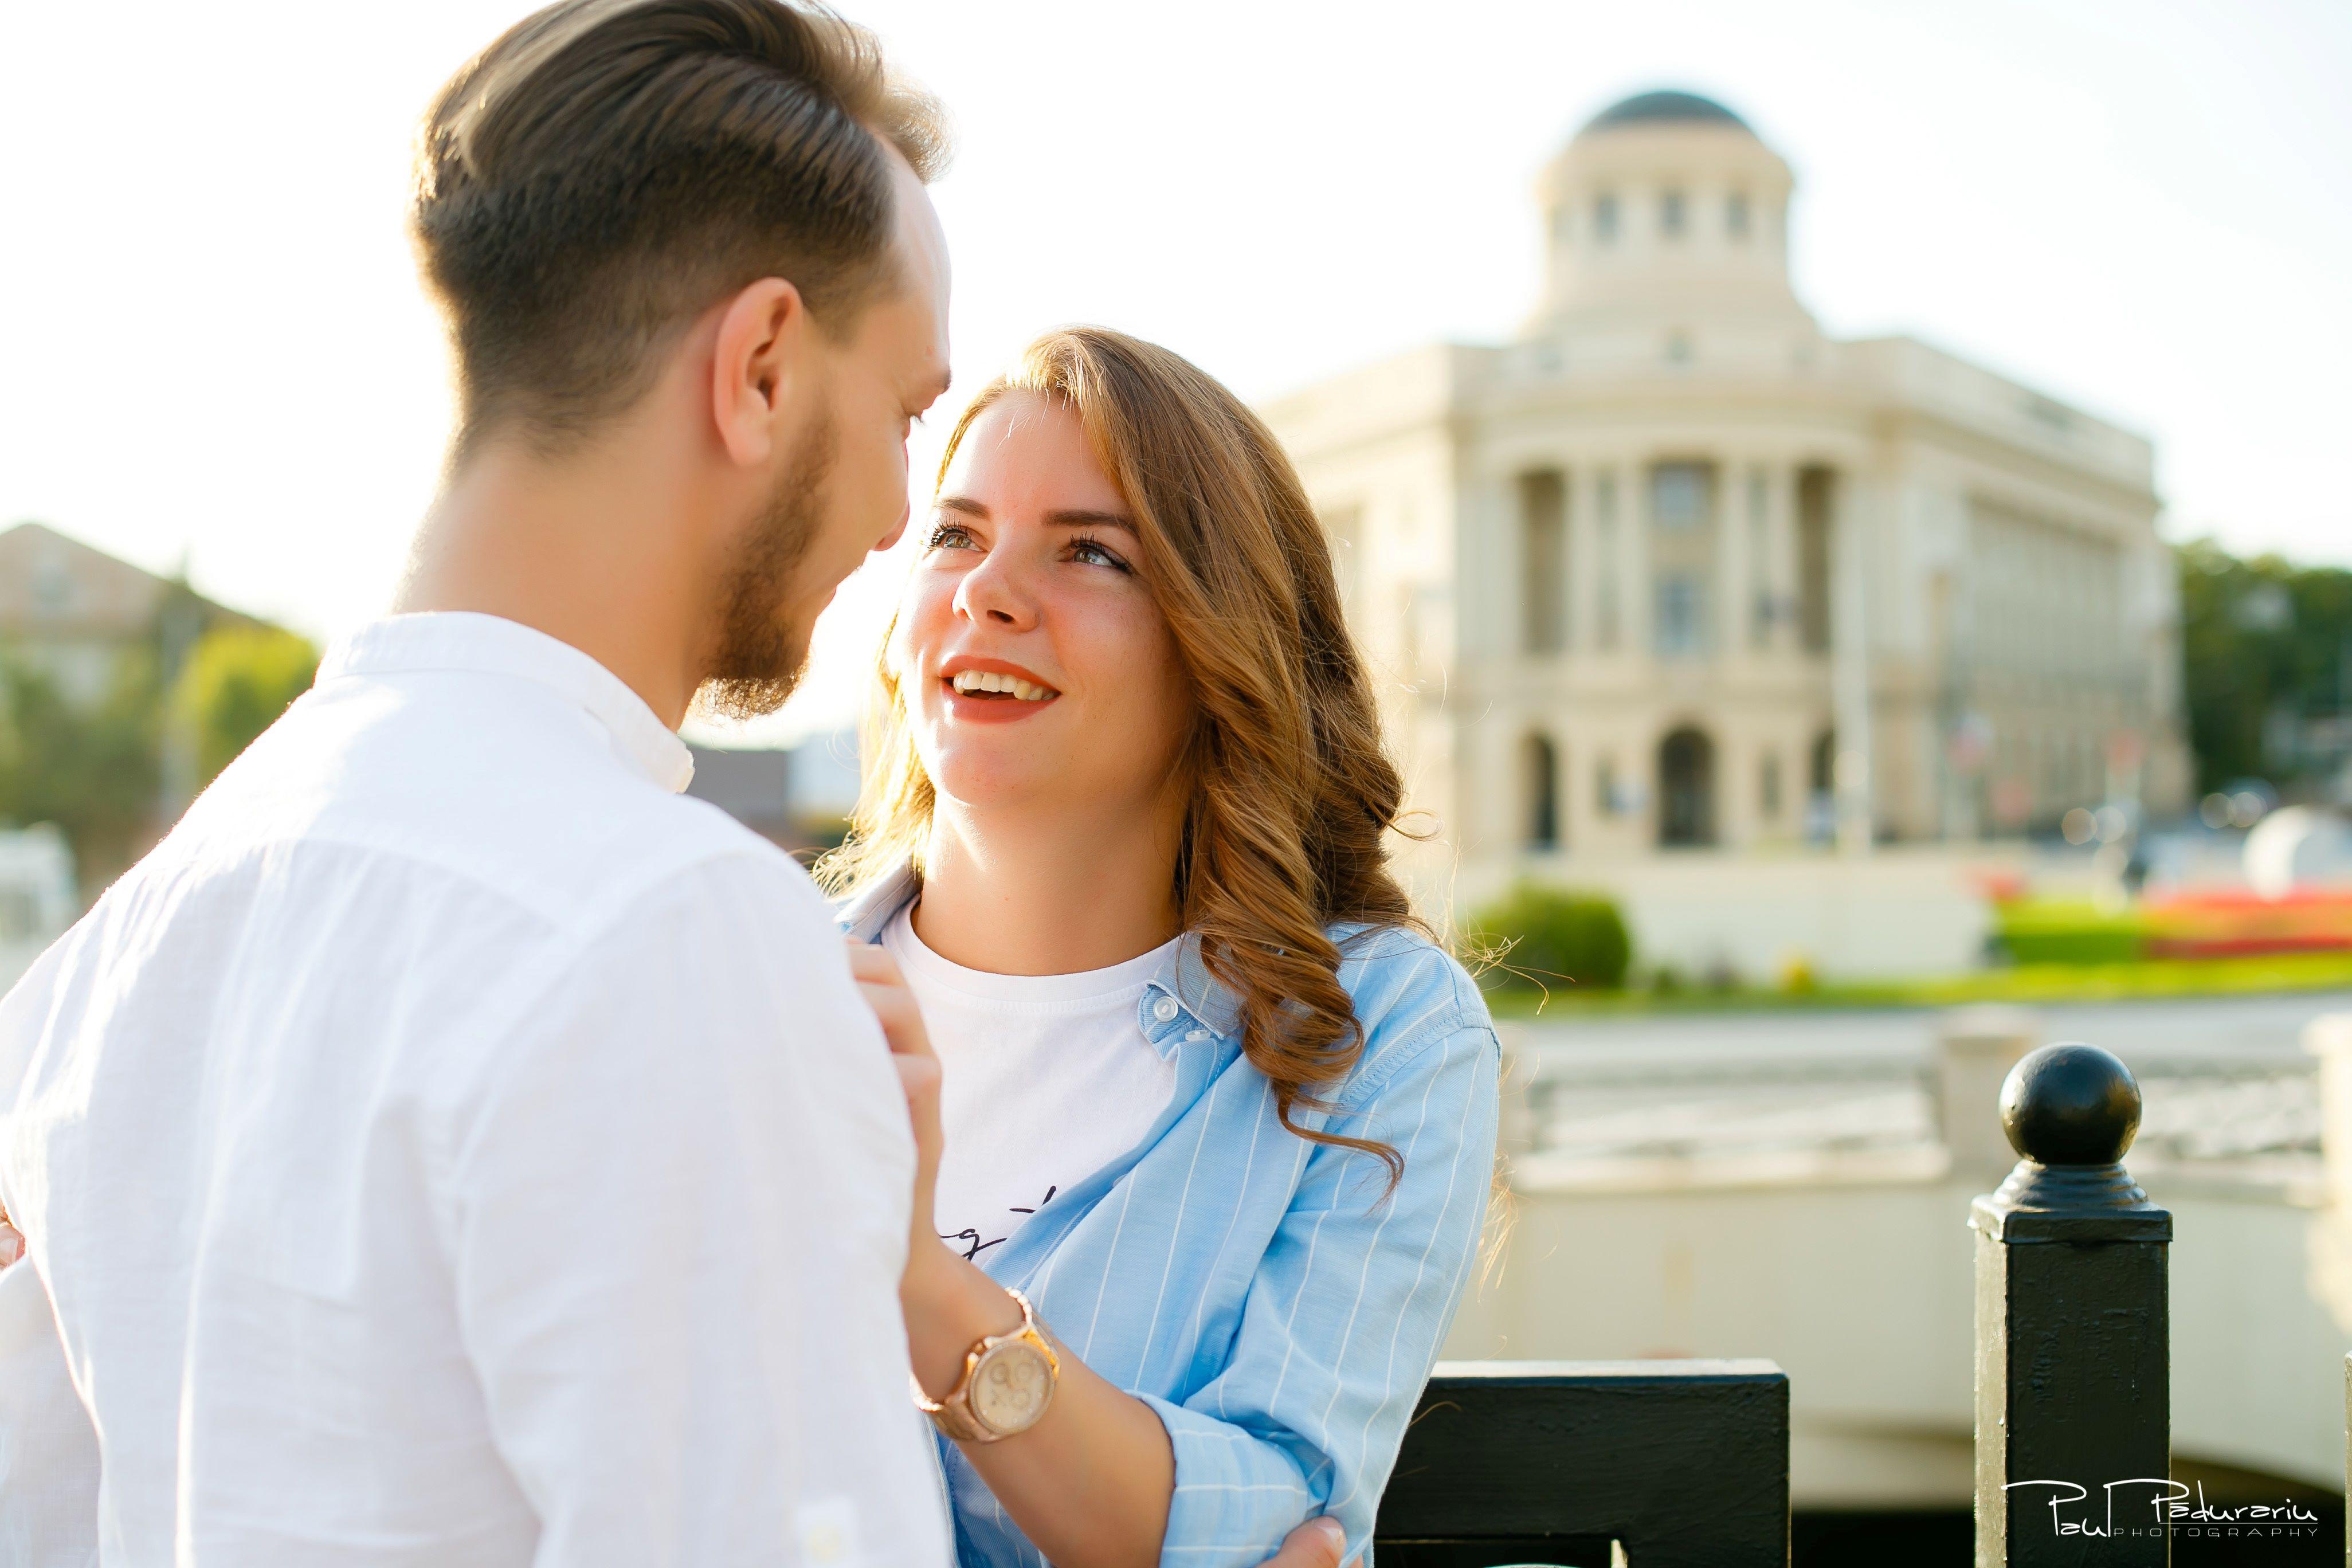 Sedinta foto logodna Marta Mihaita Iasi 2019 - paul padurariu fotograf 3